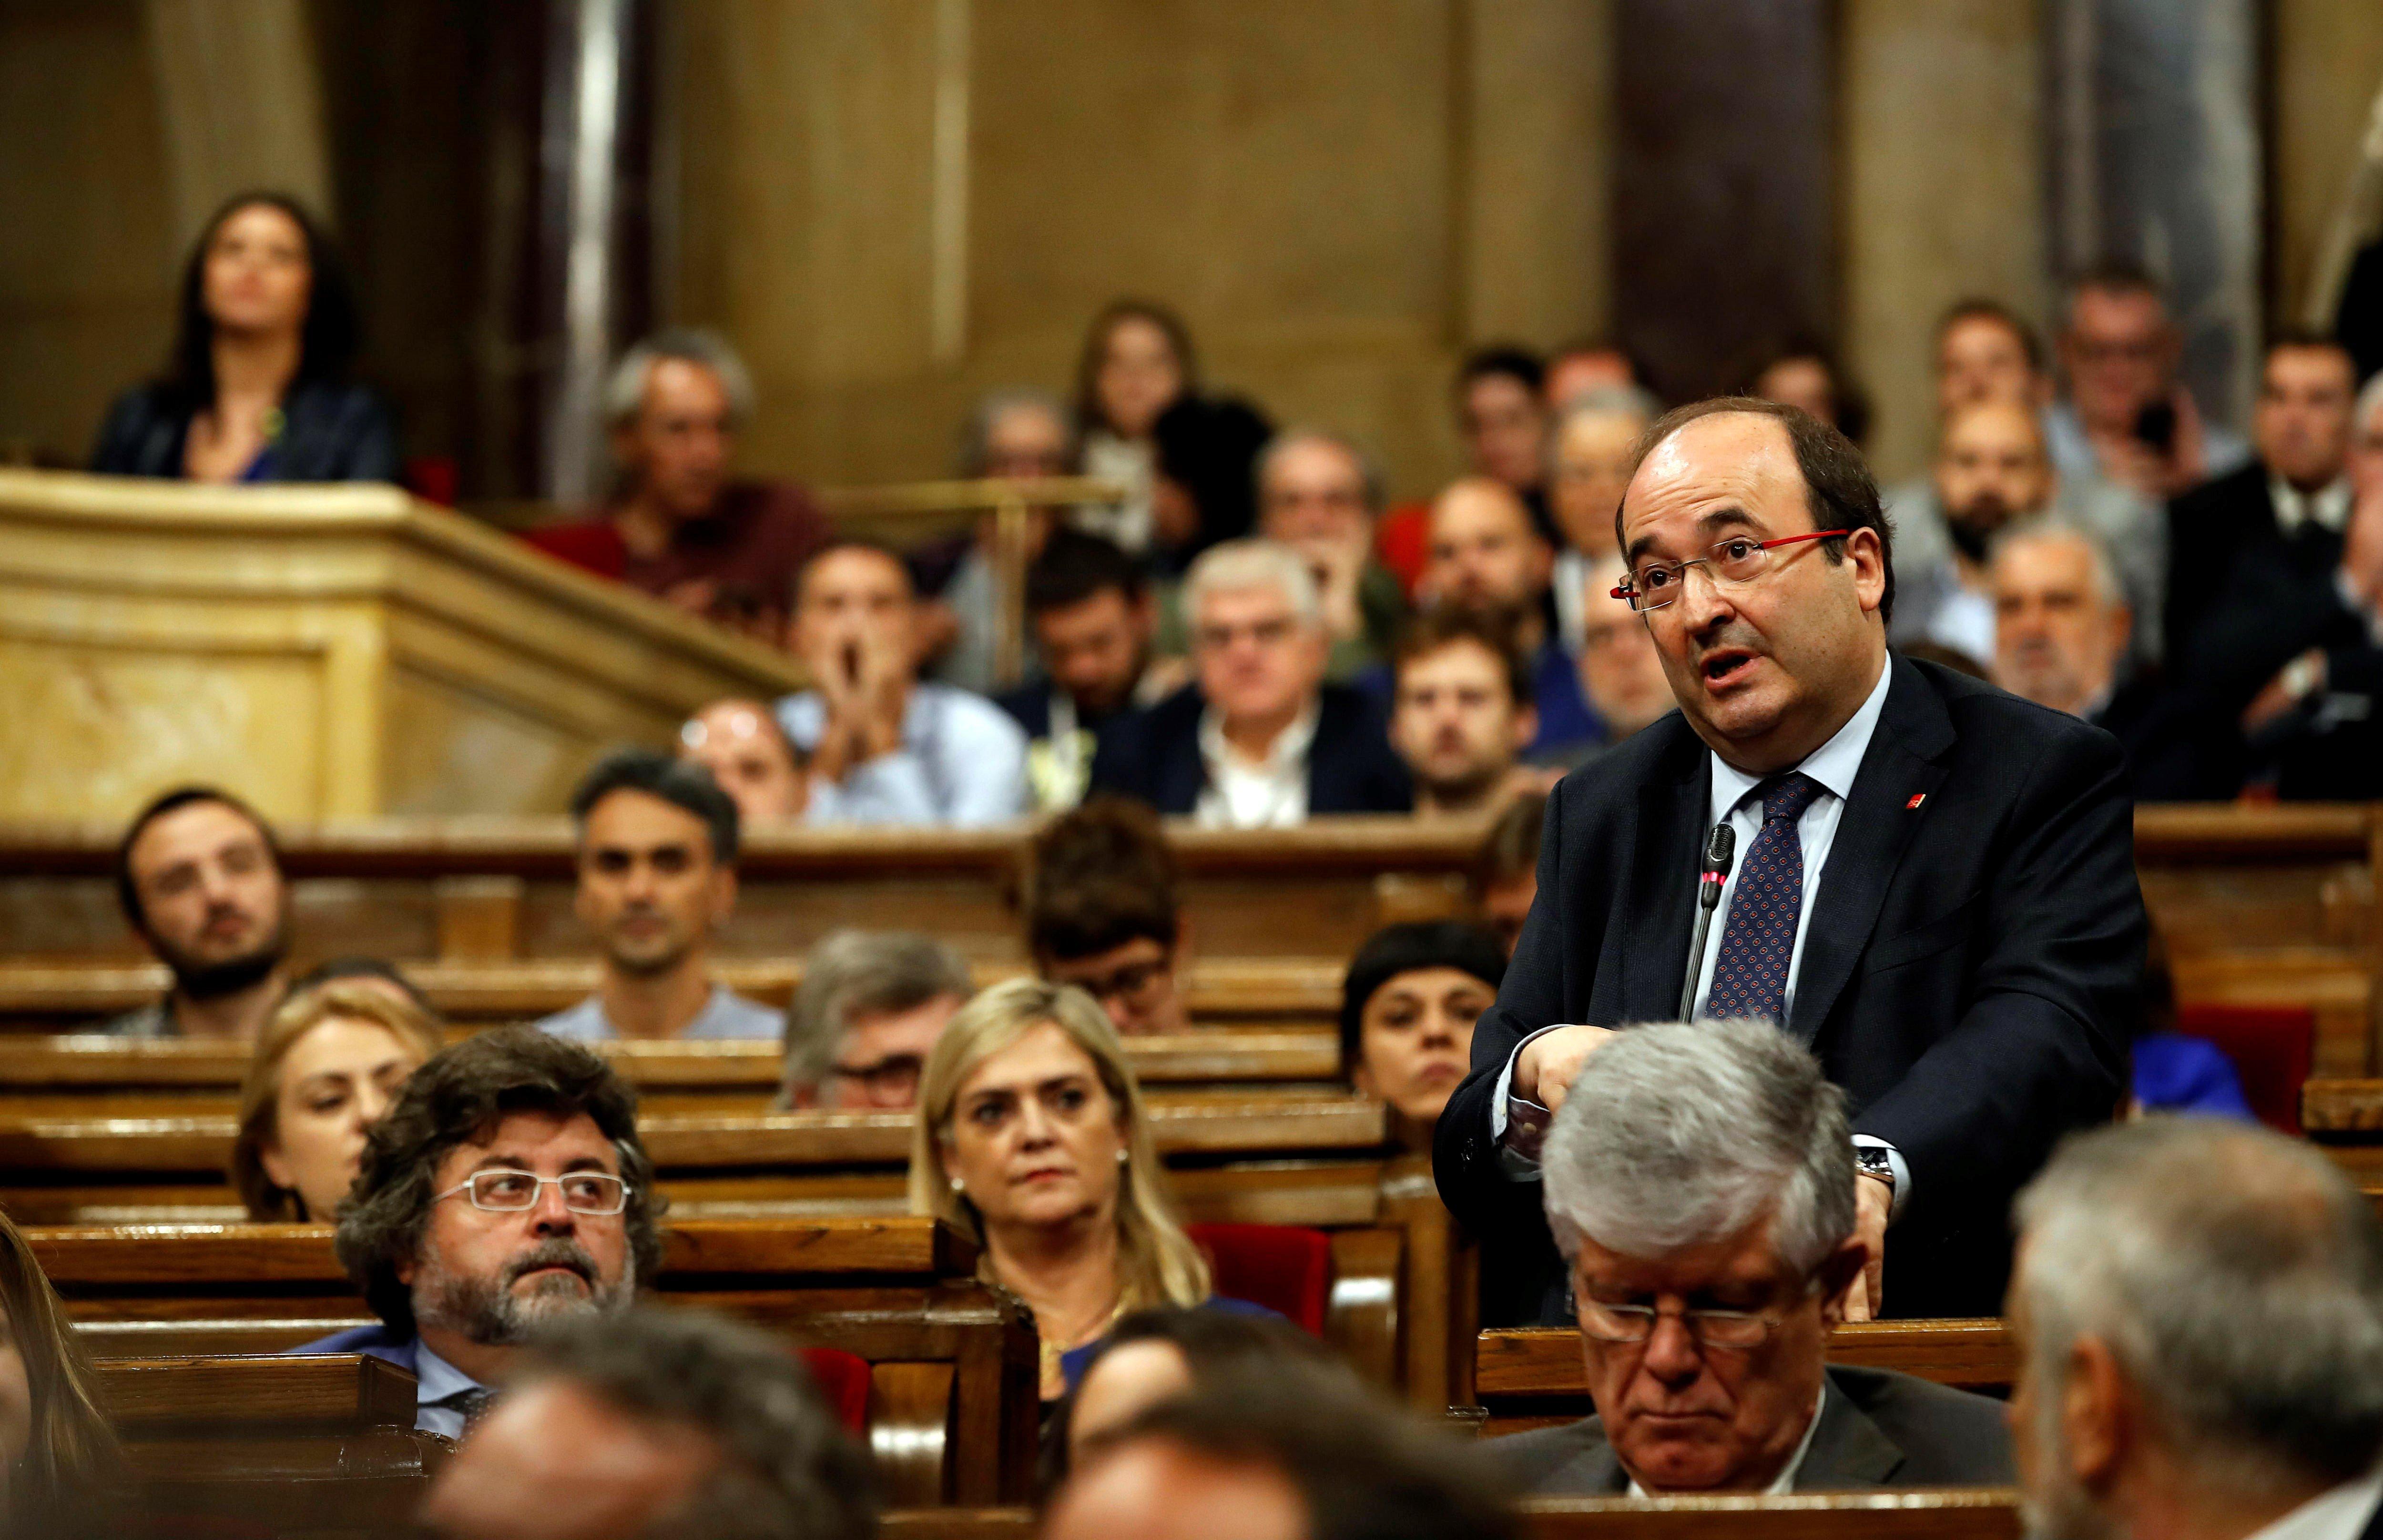 El president del grup parlamentari del PSC, Miquel Iceta, intervé en la sessió del Parlament. /EFE